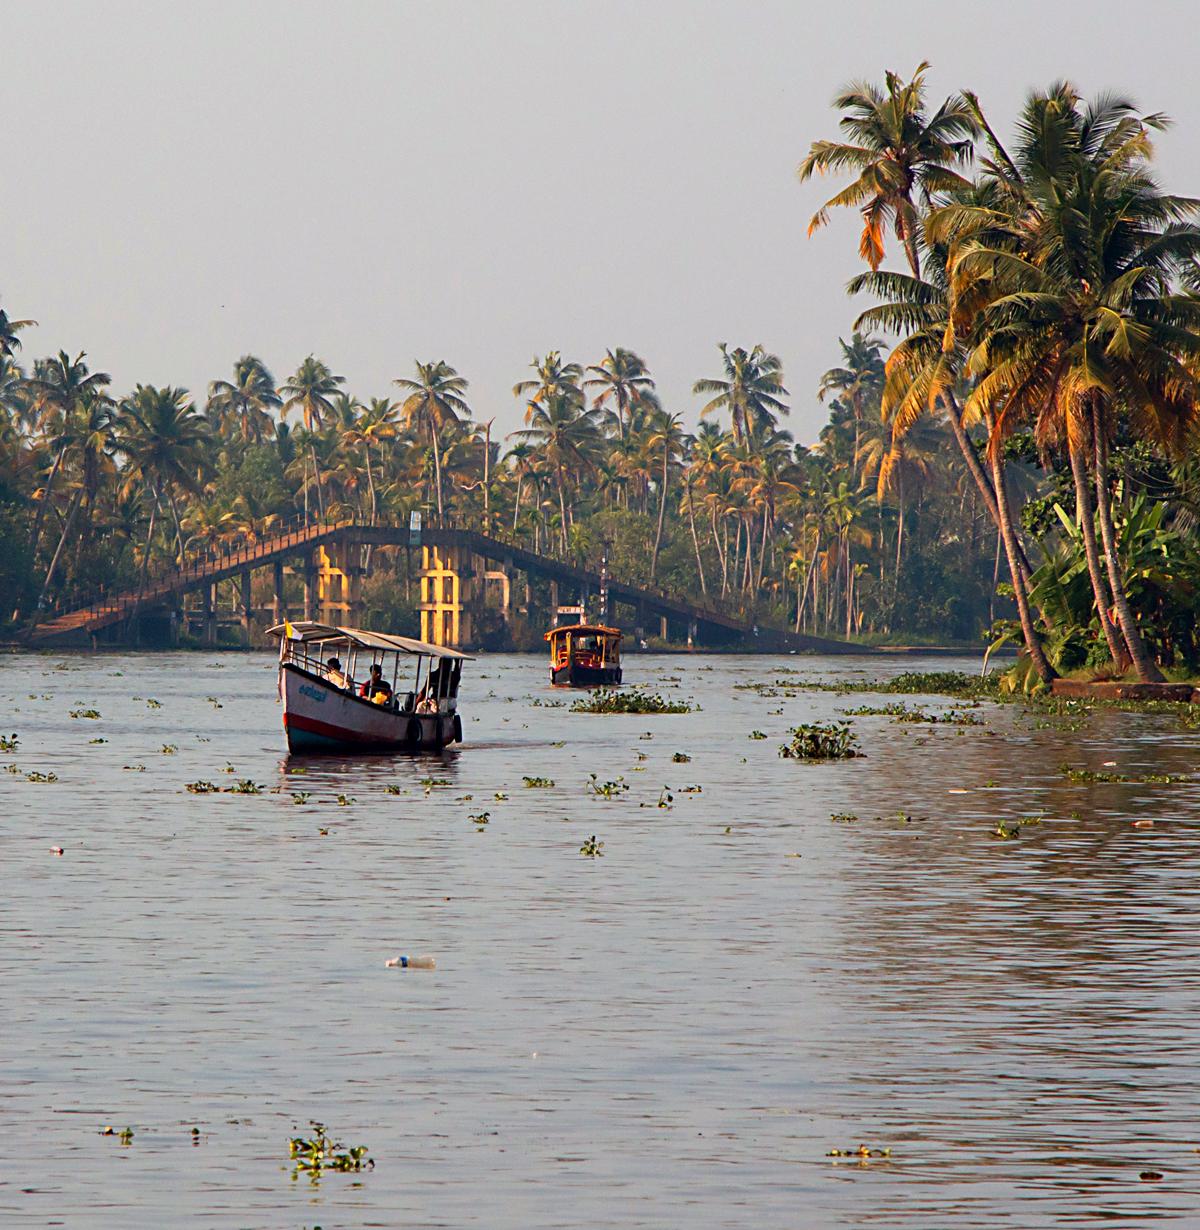 INDIEN Menschen Leben am Fluss FINEST-onTour 8483.jpg